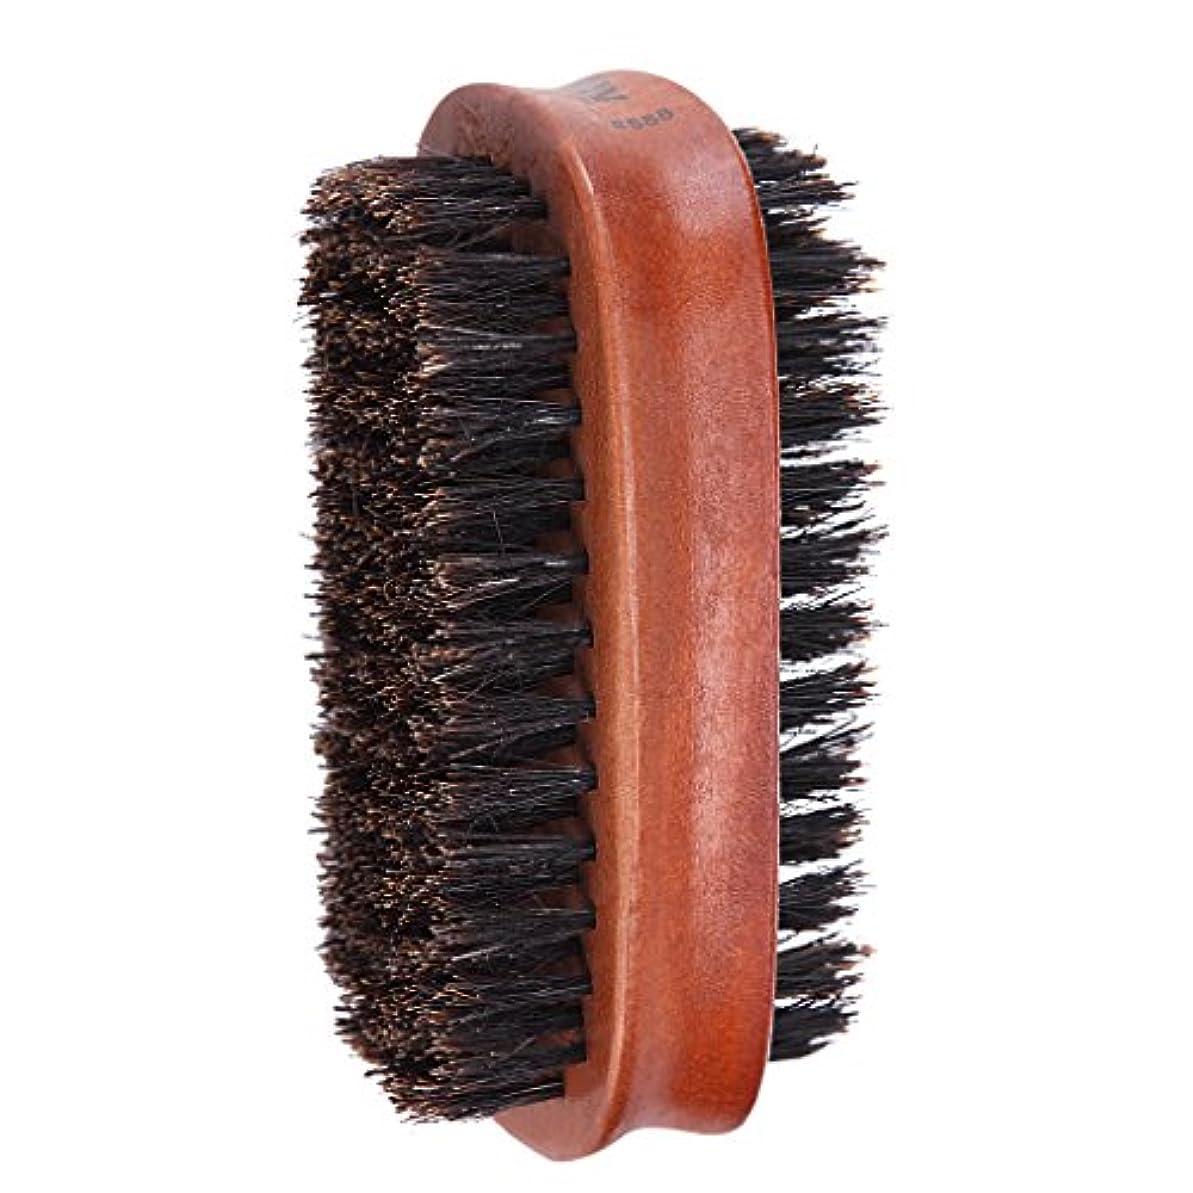 入手します伸ばすお風呂Toygogo ヘアブラシ 両面ブラシ 男性 髭 口ひげ グルーミングブラシ ブリストルブラシ